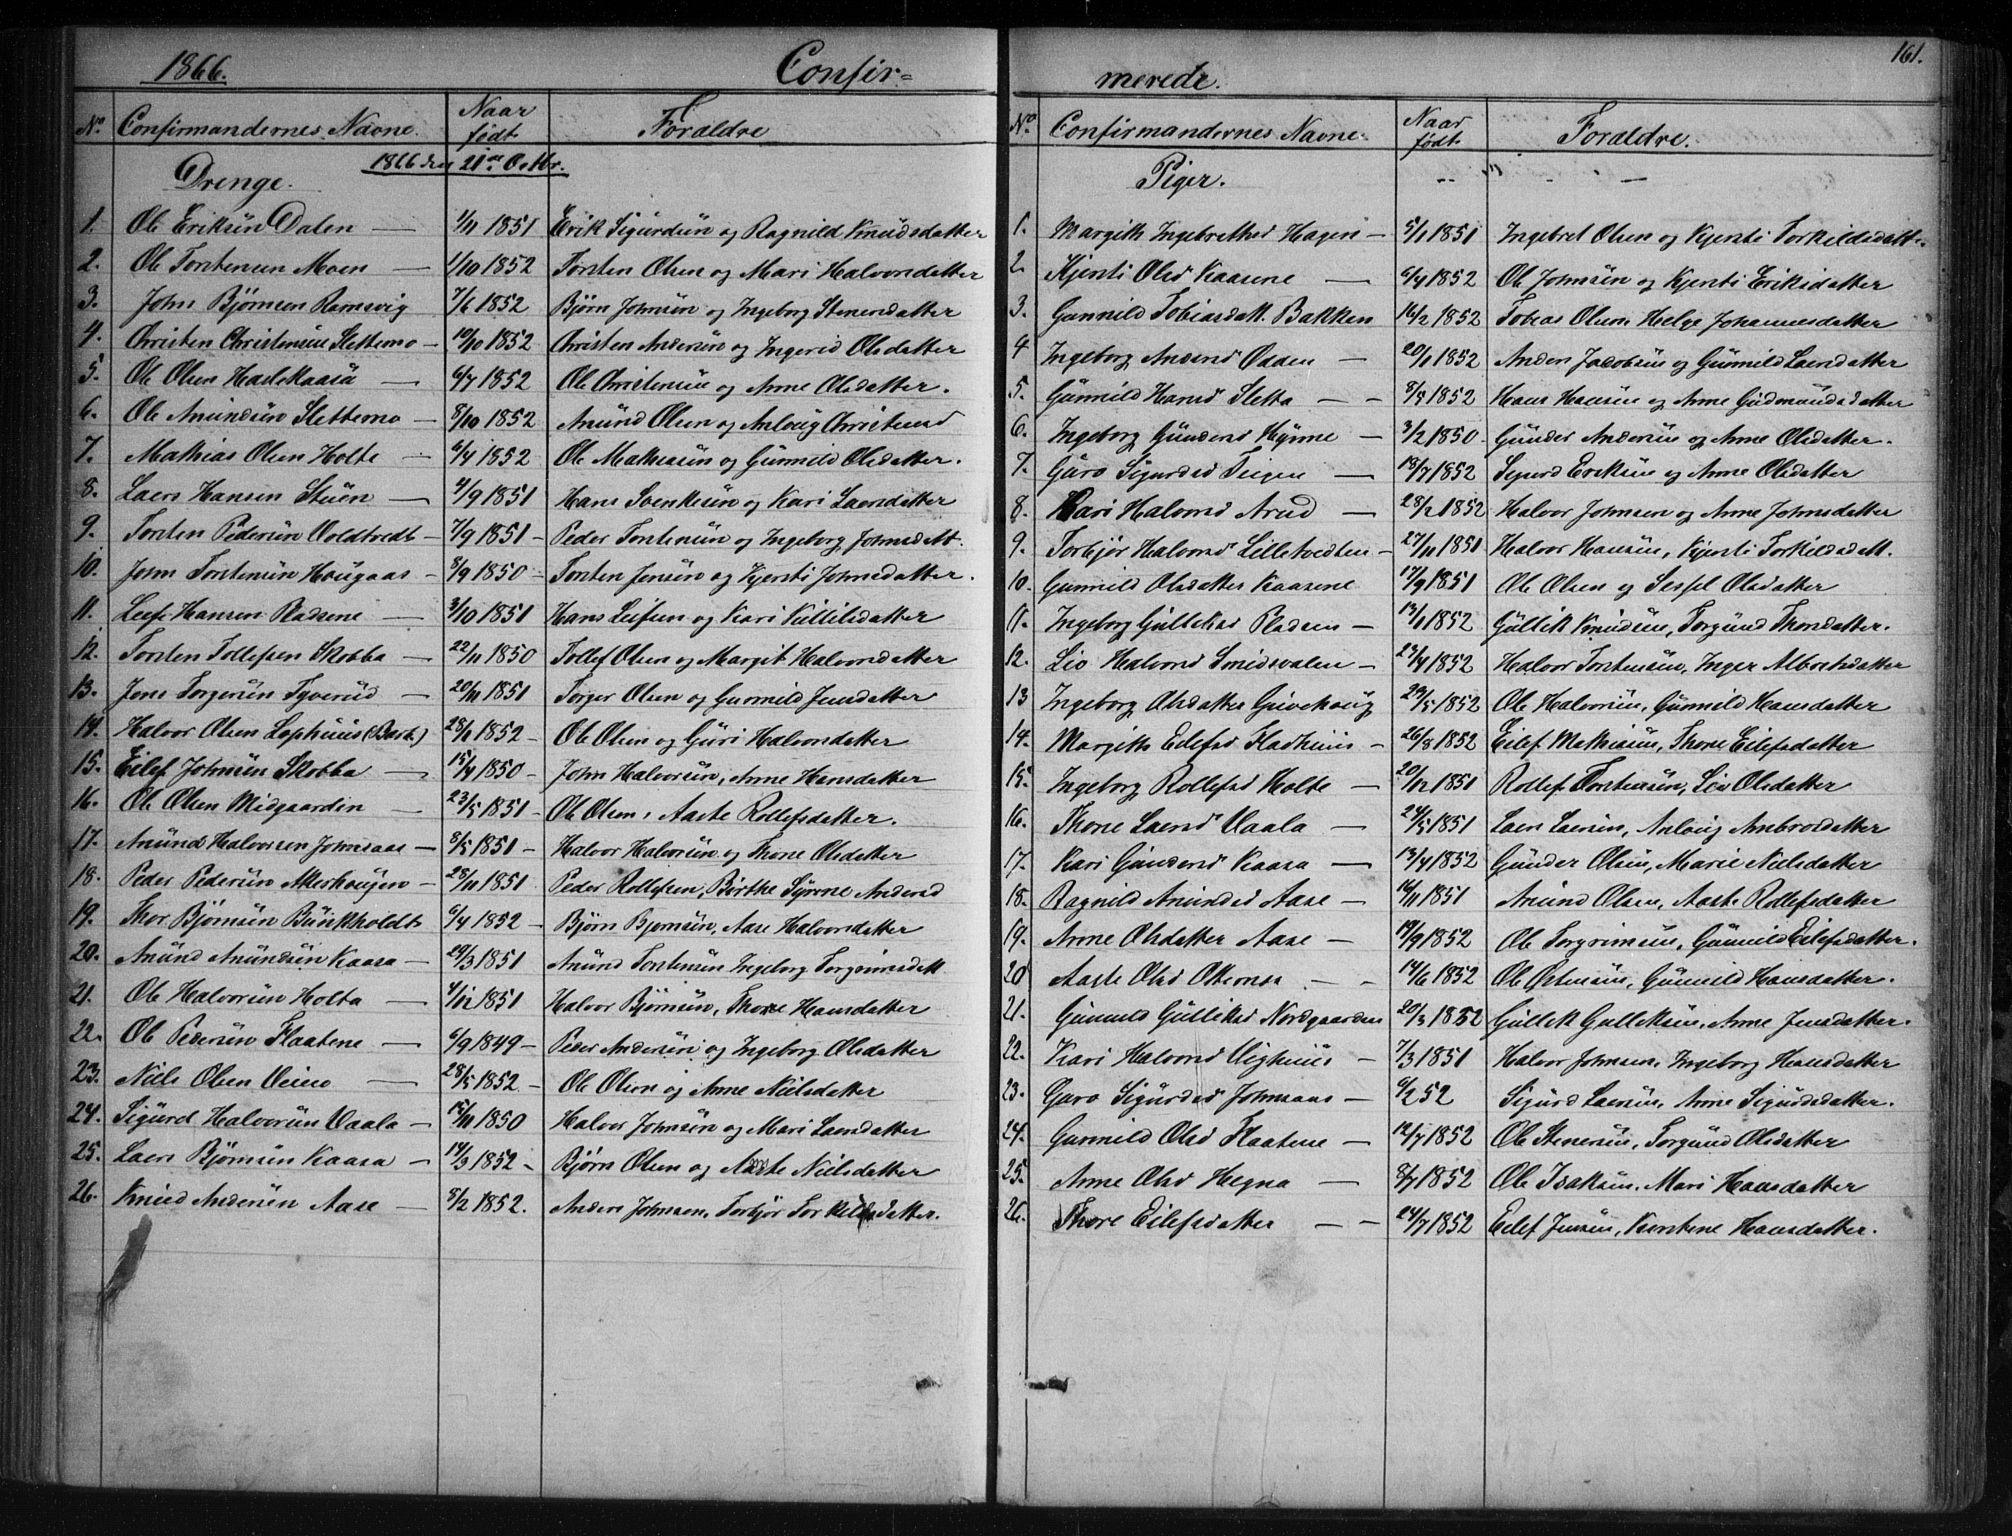 SAKO, Sauherad kirkebøker, G/Ga/L0003: Klokkerbok nr. I 3, 1866-1905, s. 161